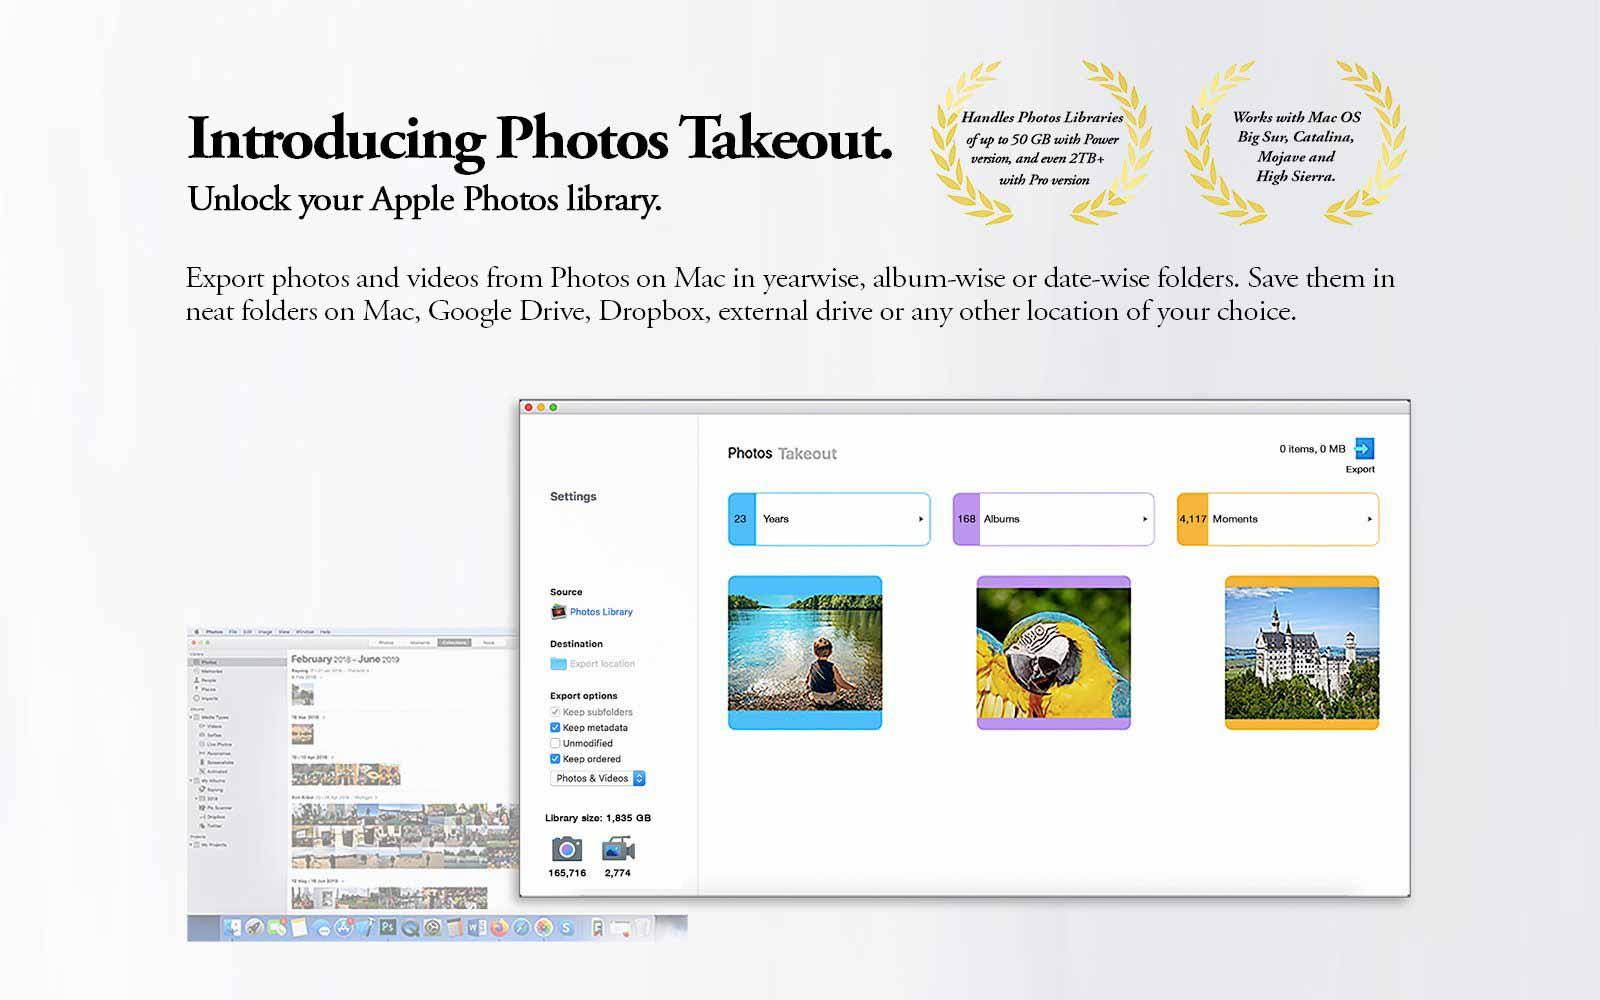 экспортировать фотографии iCloud, используя выносные фотографии